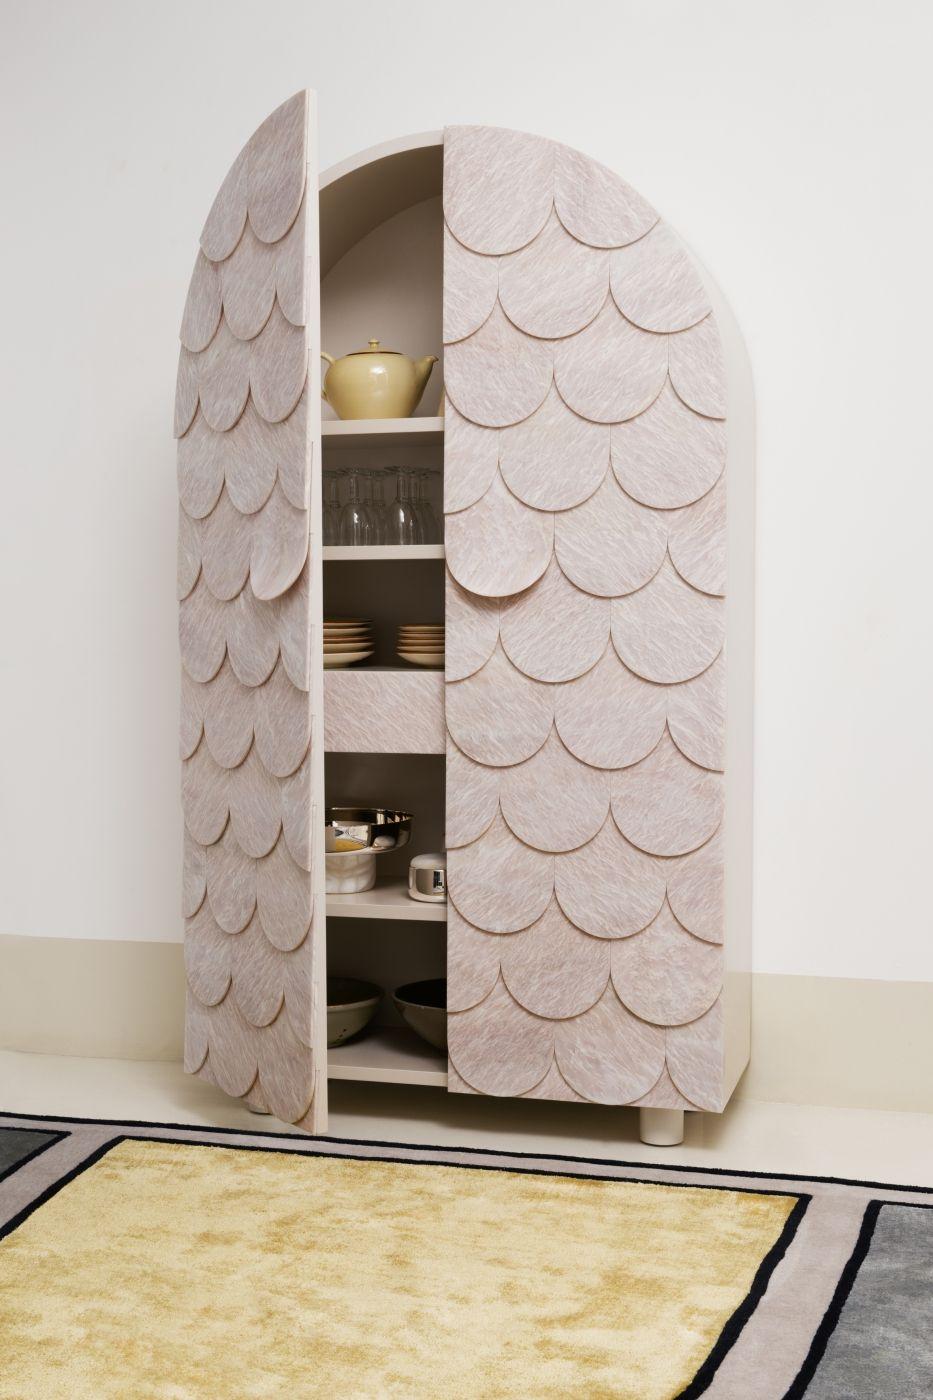 Vaisselier Scale D F Pinterest Credenza And Interiors # Meuble De Salon Interiors Vaissellier